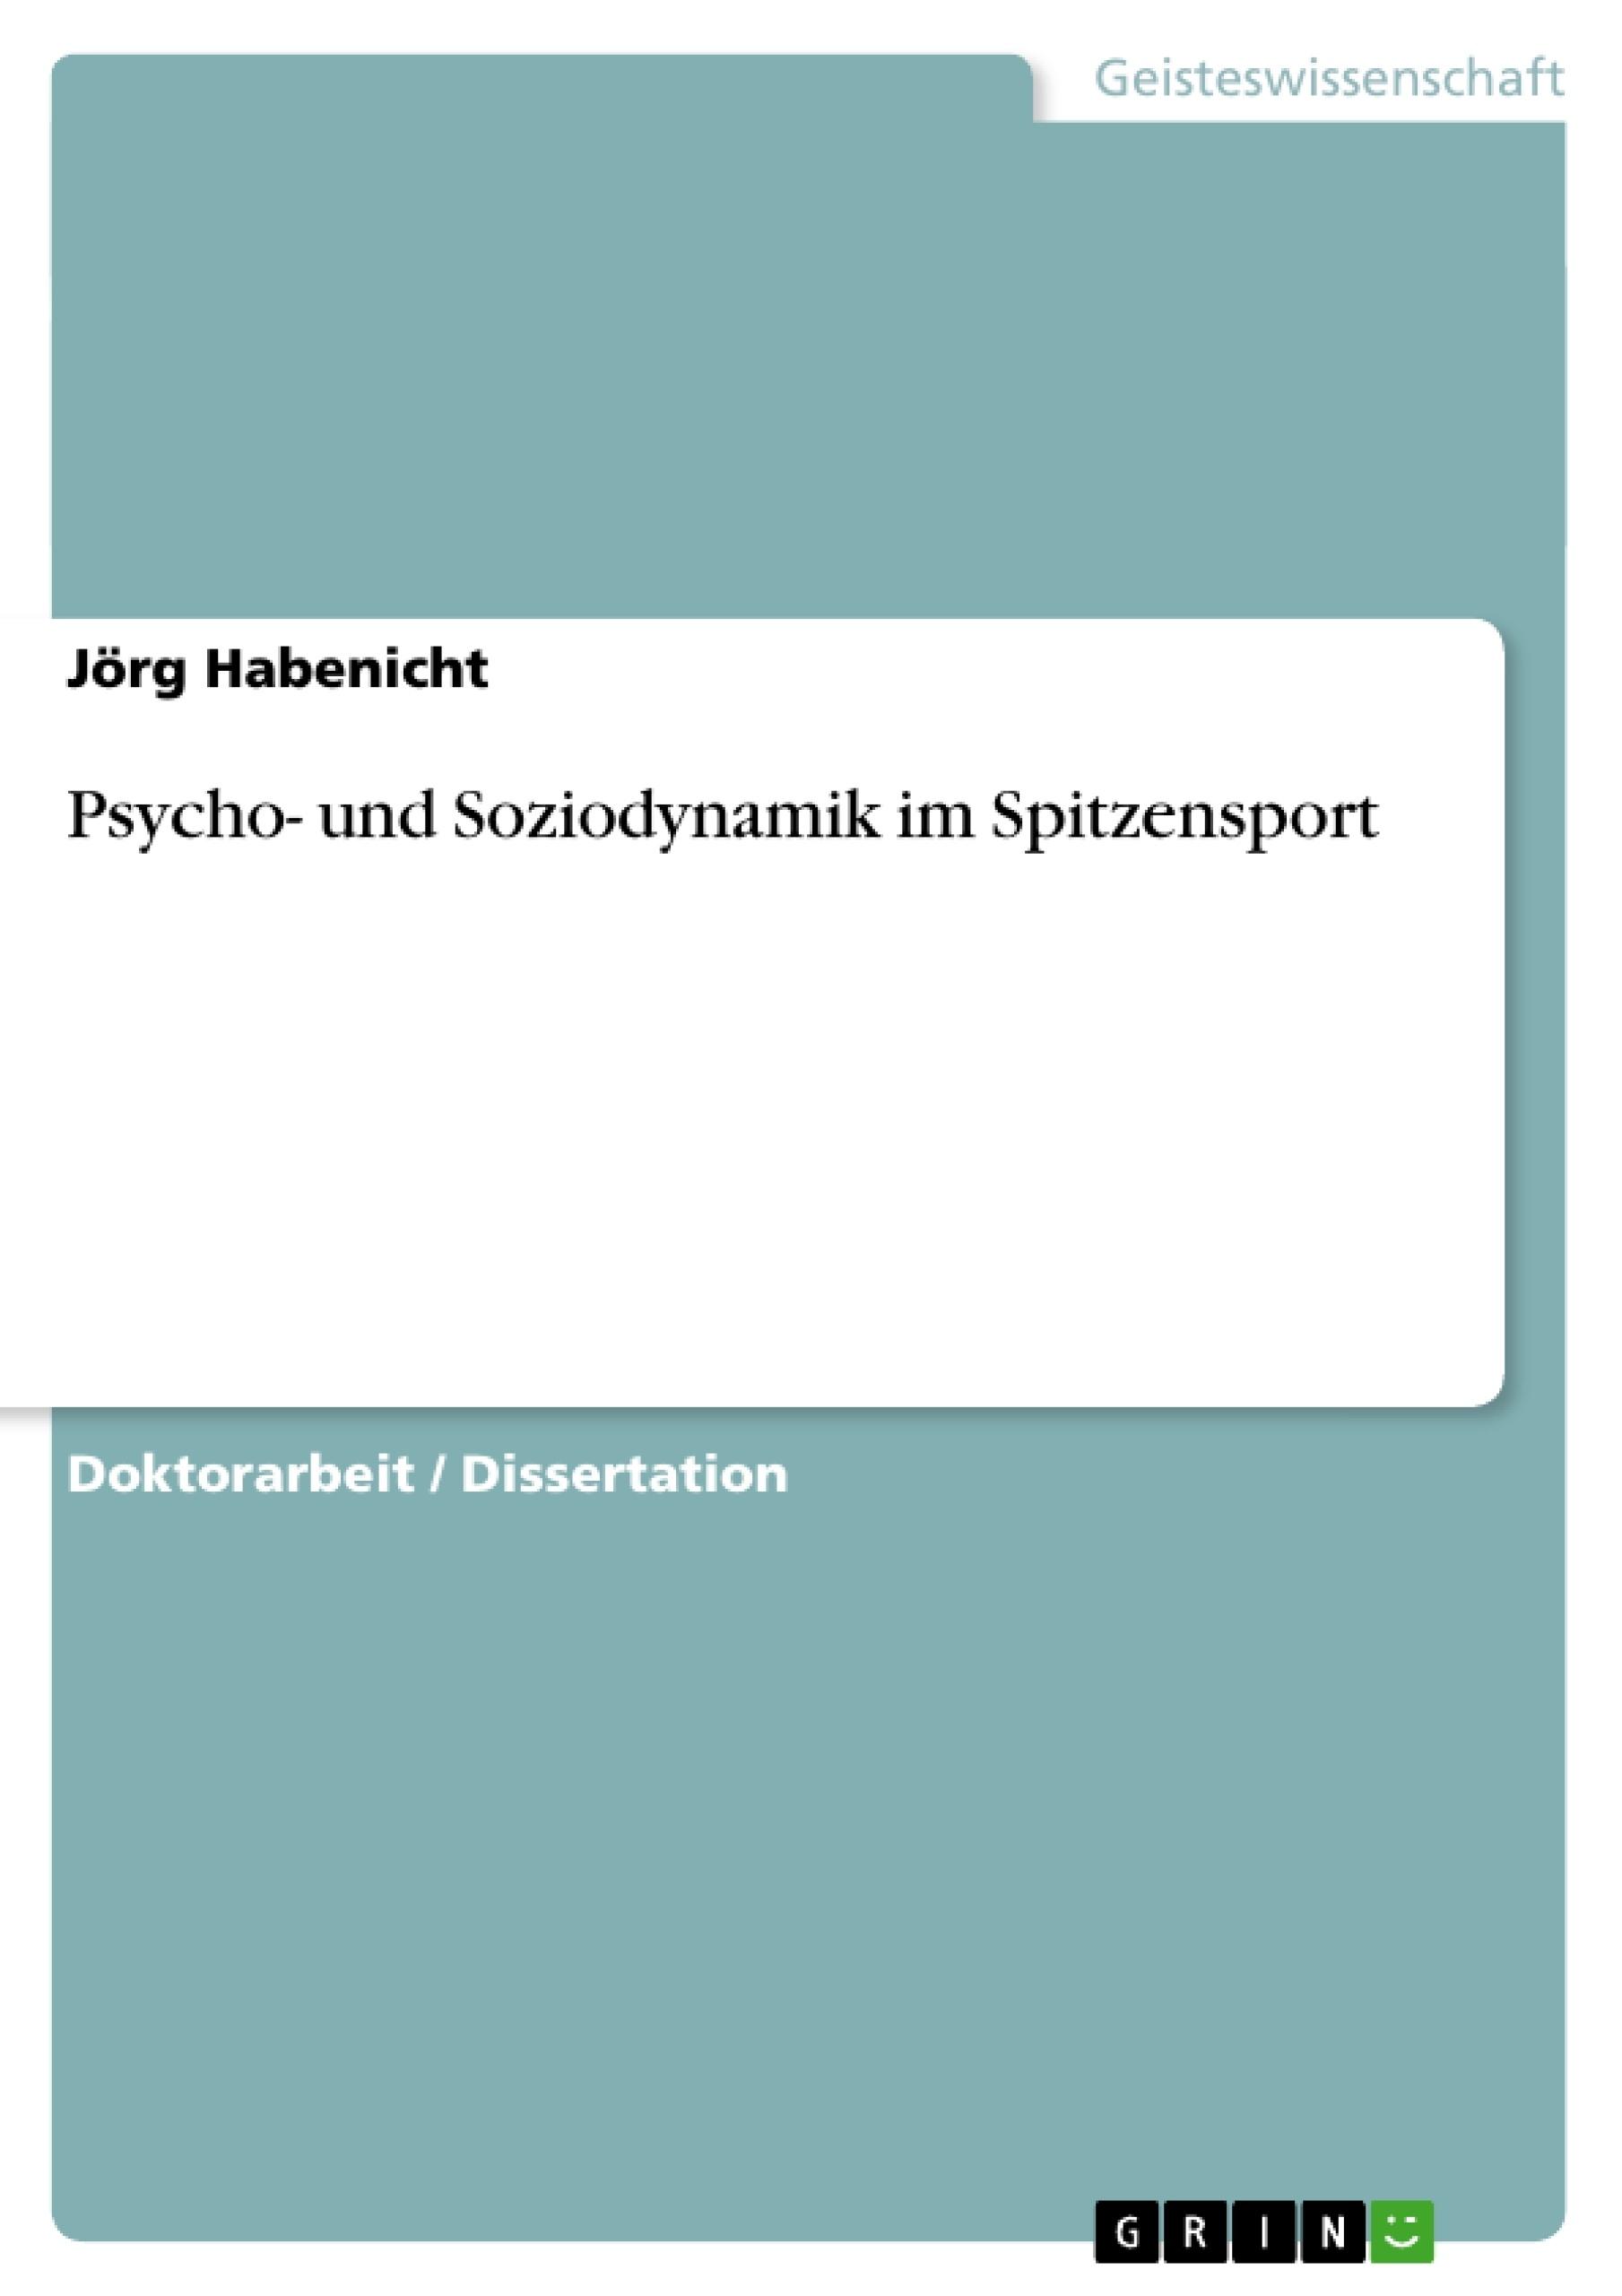 Titel: Psycho- und Soziodynamik im Spitzensport